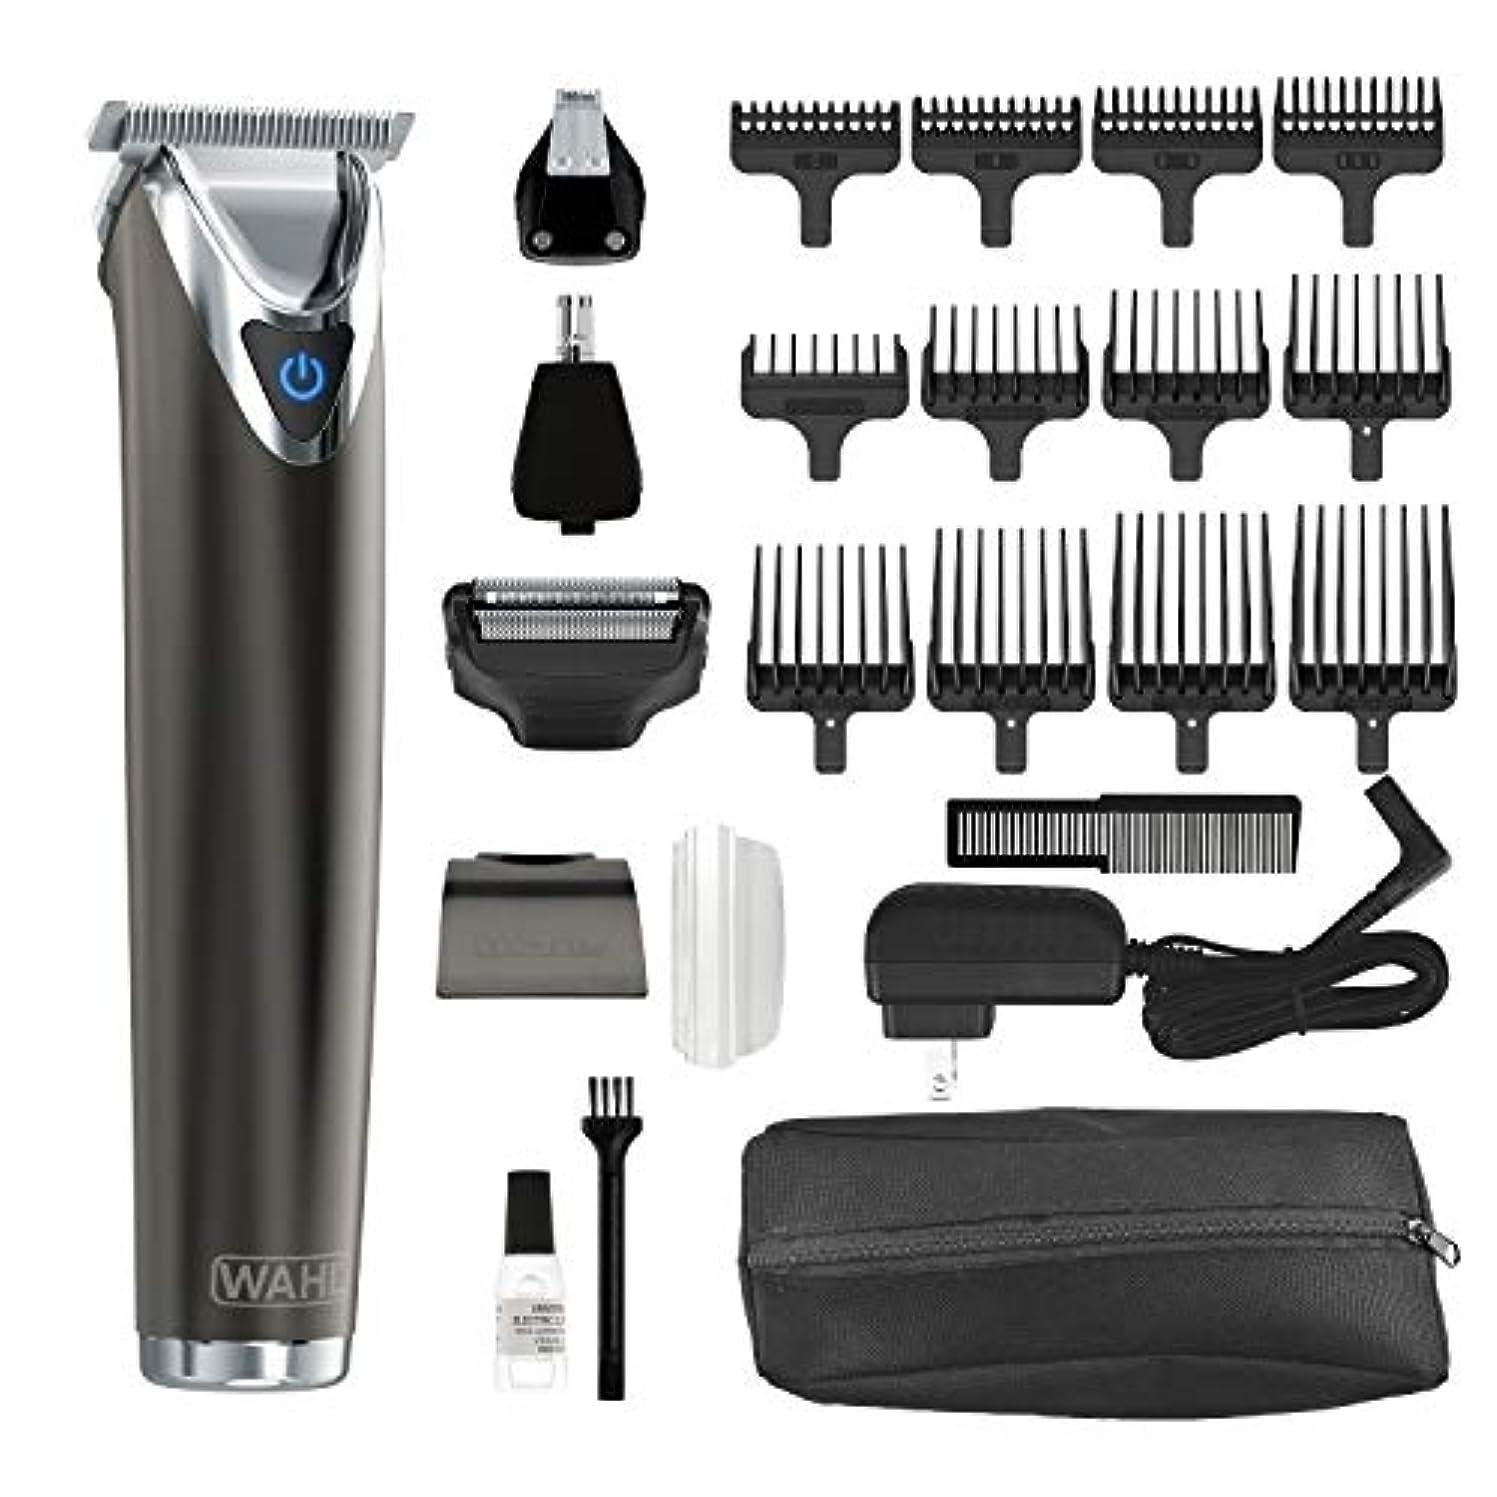 病弱看板天皇Wahl Clipper Slate Stainless Steel Lithium Ion Plus Beard Trimmers for Men, Electric Shavers, Nose Ear Trimmers...